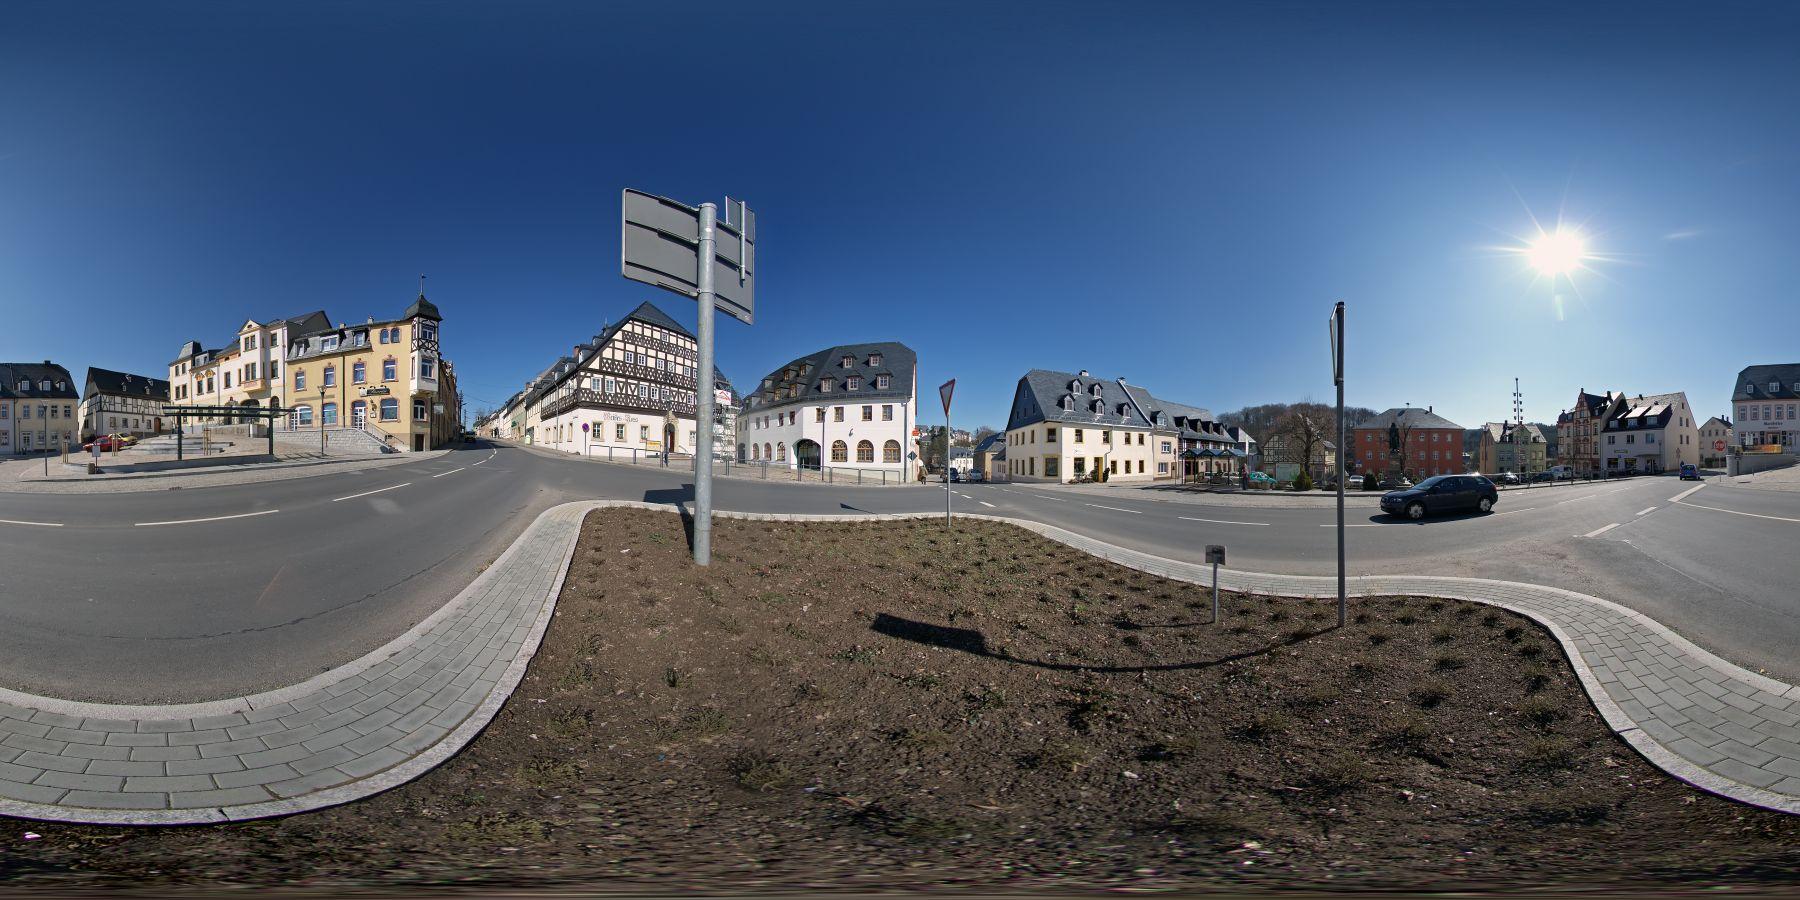 Panorama Hartenstein Markt in Sachsen 4